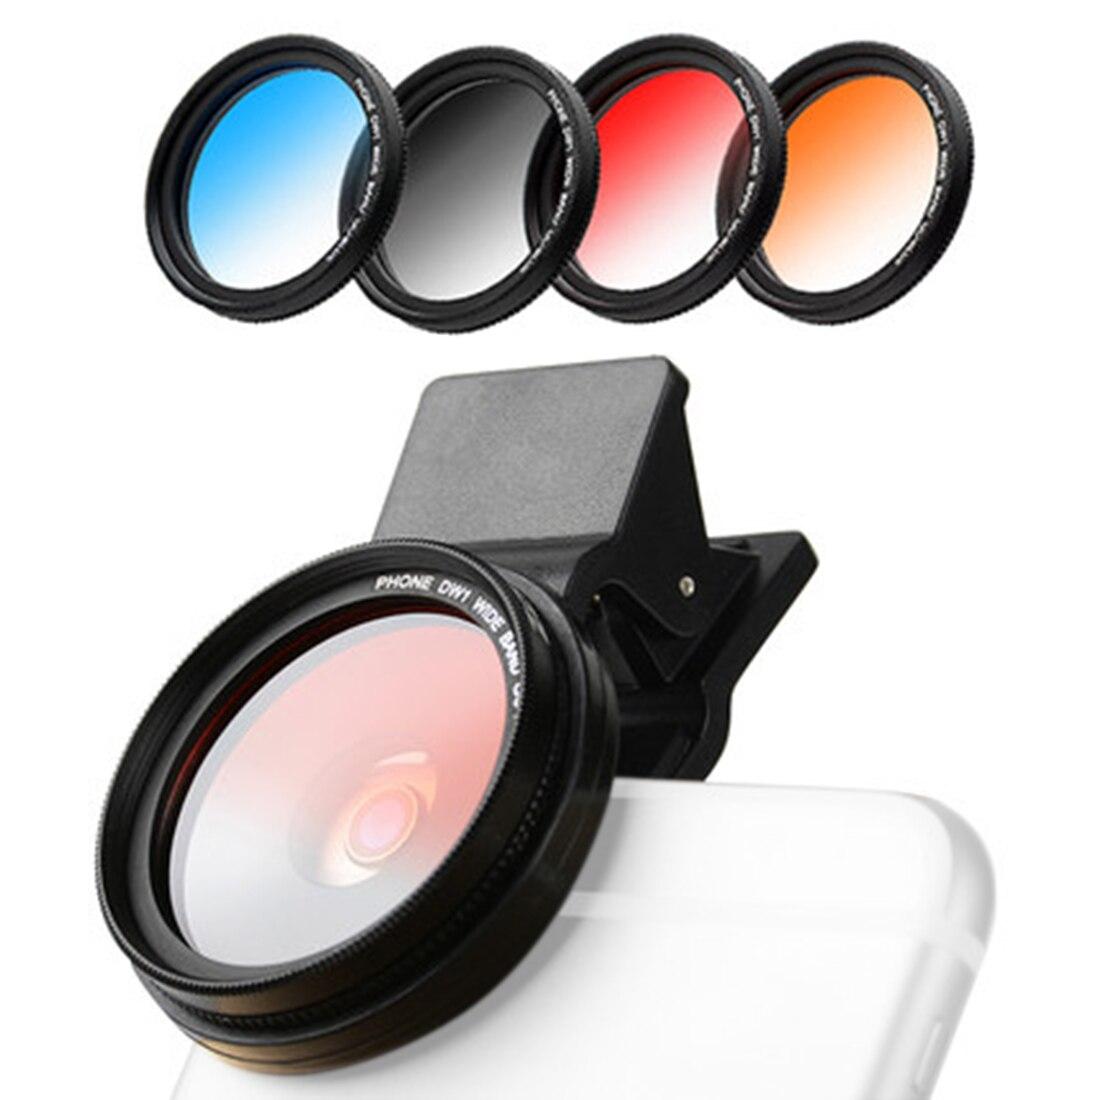 Massa 72mm Neutral Density ND8 Filter for Nikon 1 Nikkor VR 10-100mm f//4.5-5.6 PD-Zoom